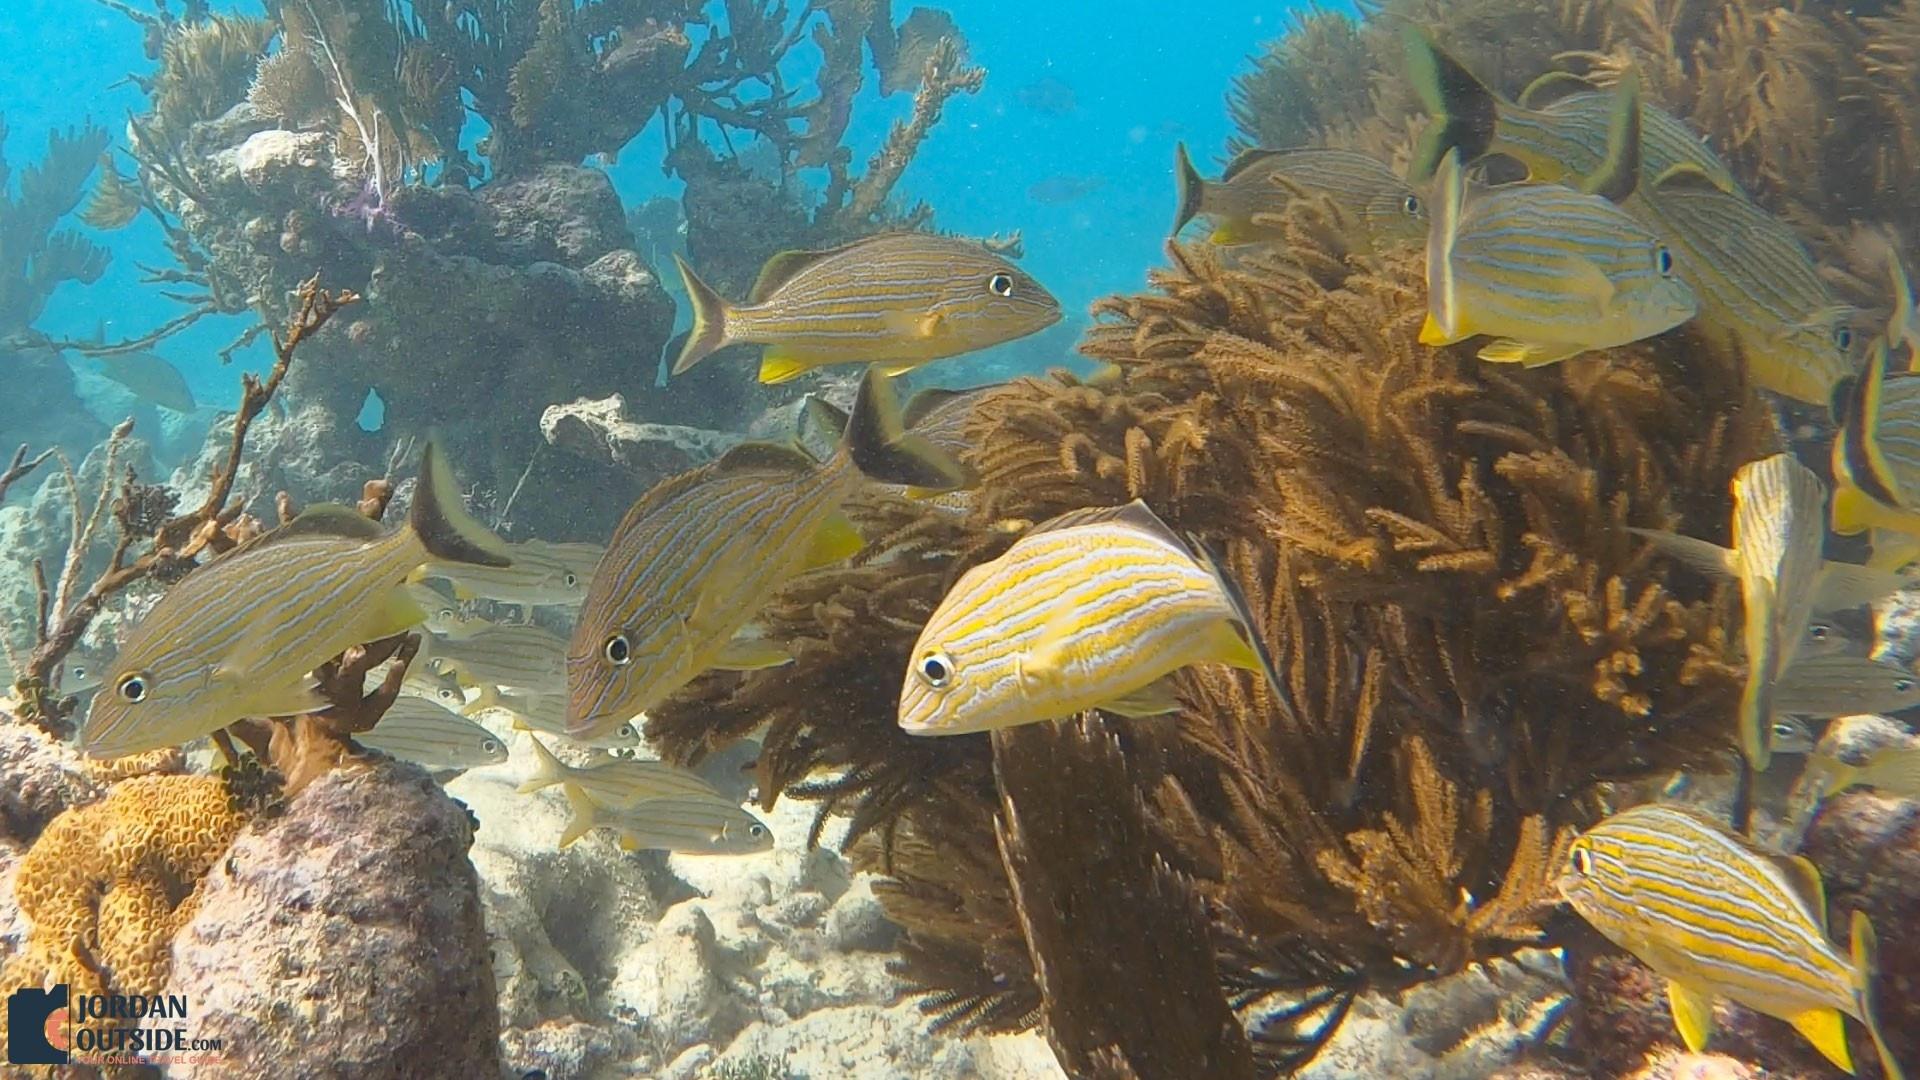 Yellow Fish at the Grecian Rocks Coral Reef